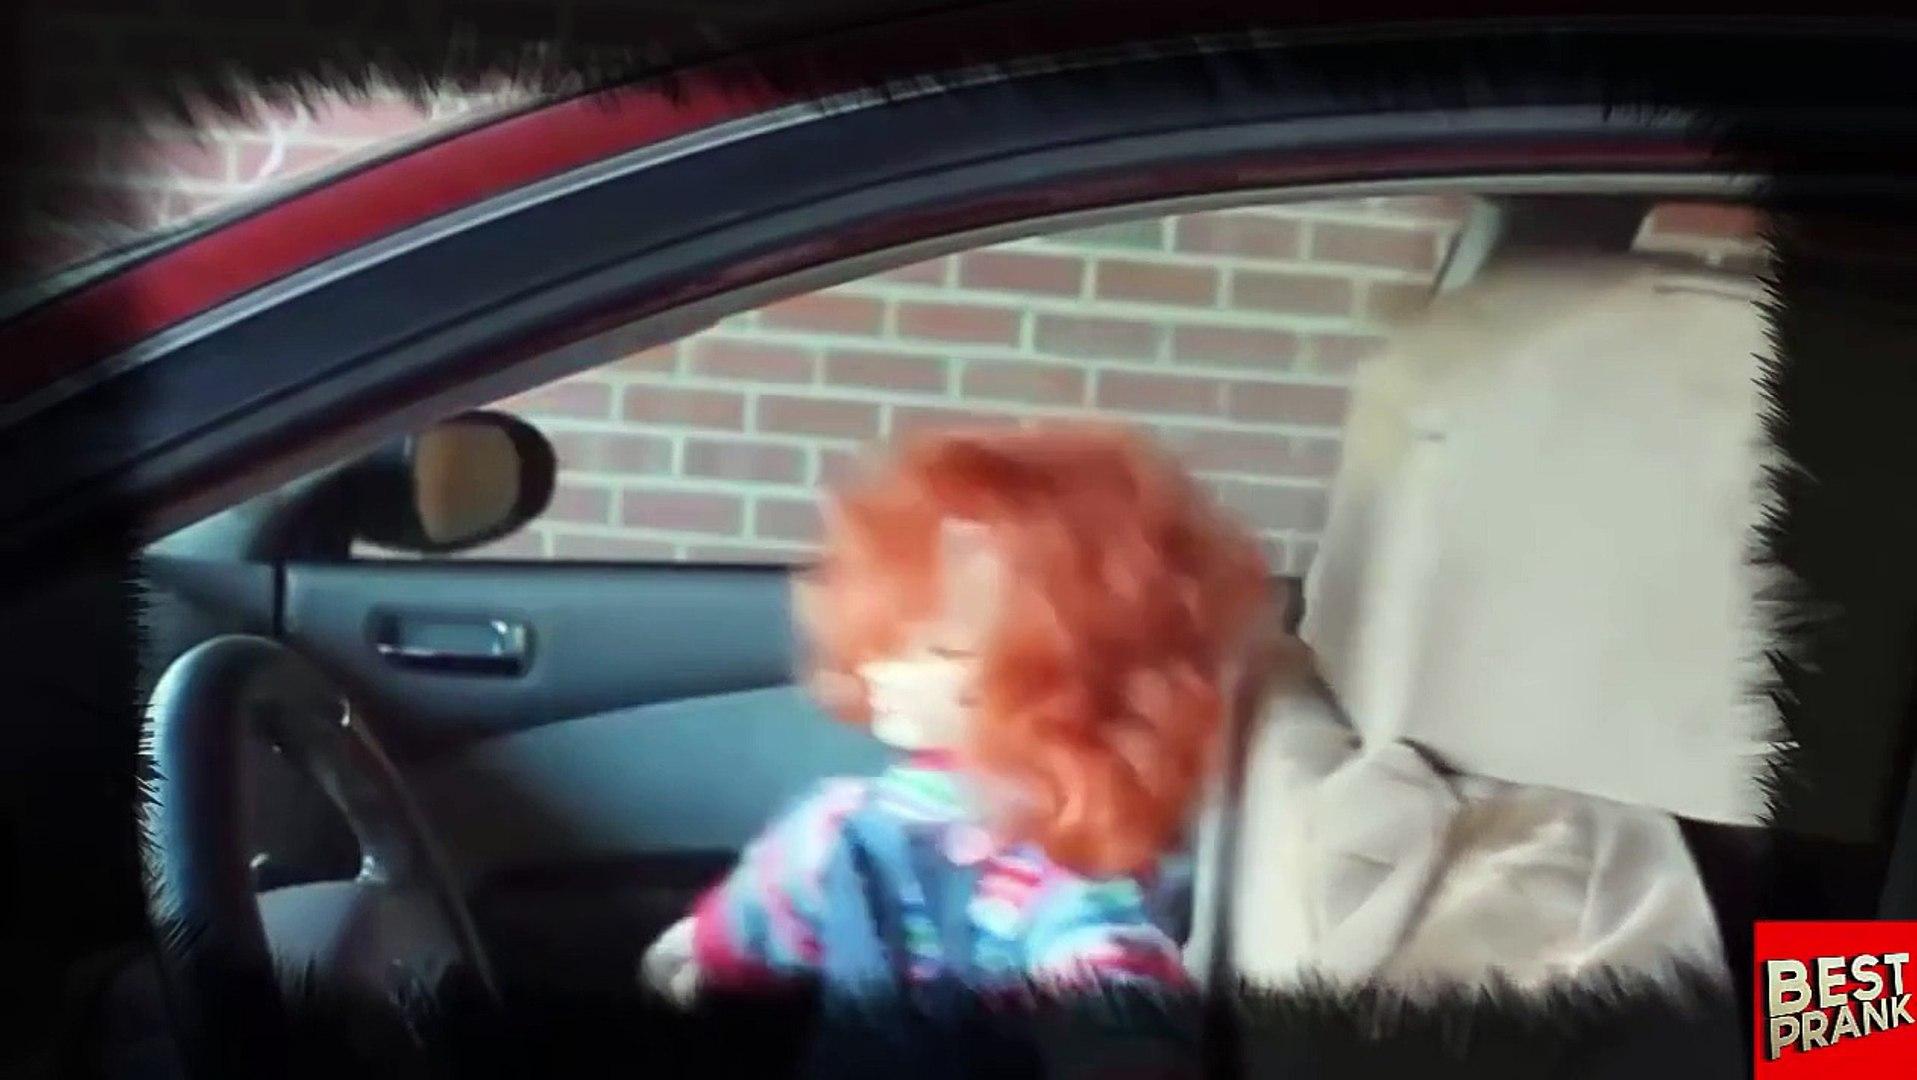 Scary Pranks - Funniest Scare Pranks - Top Scary Pranks #2